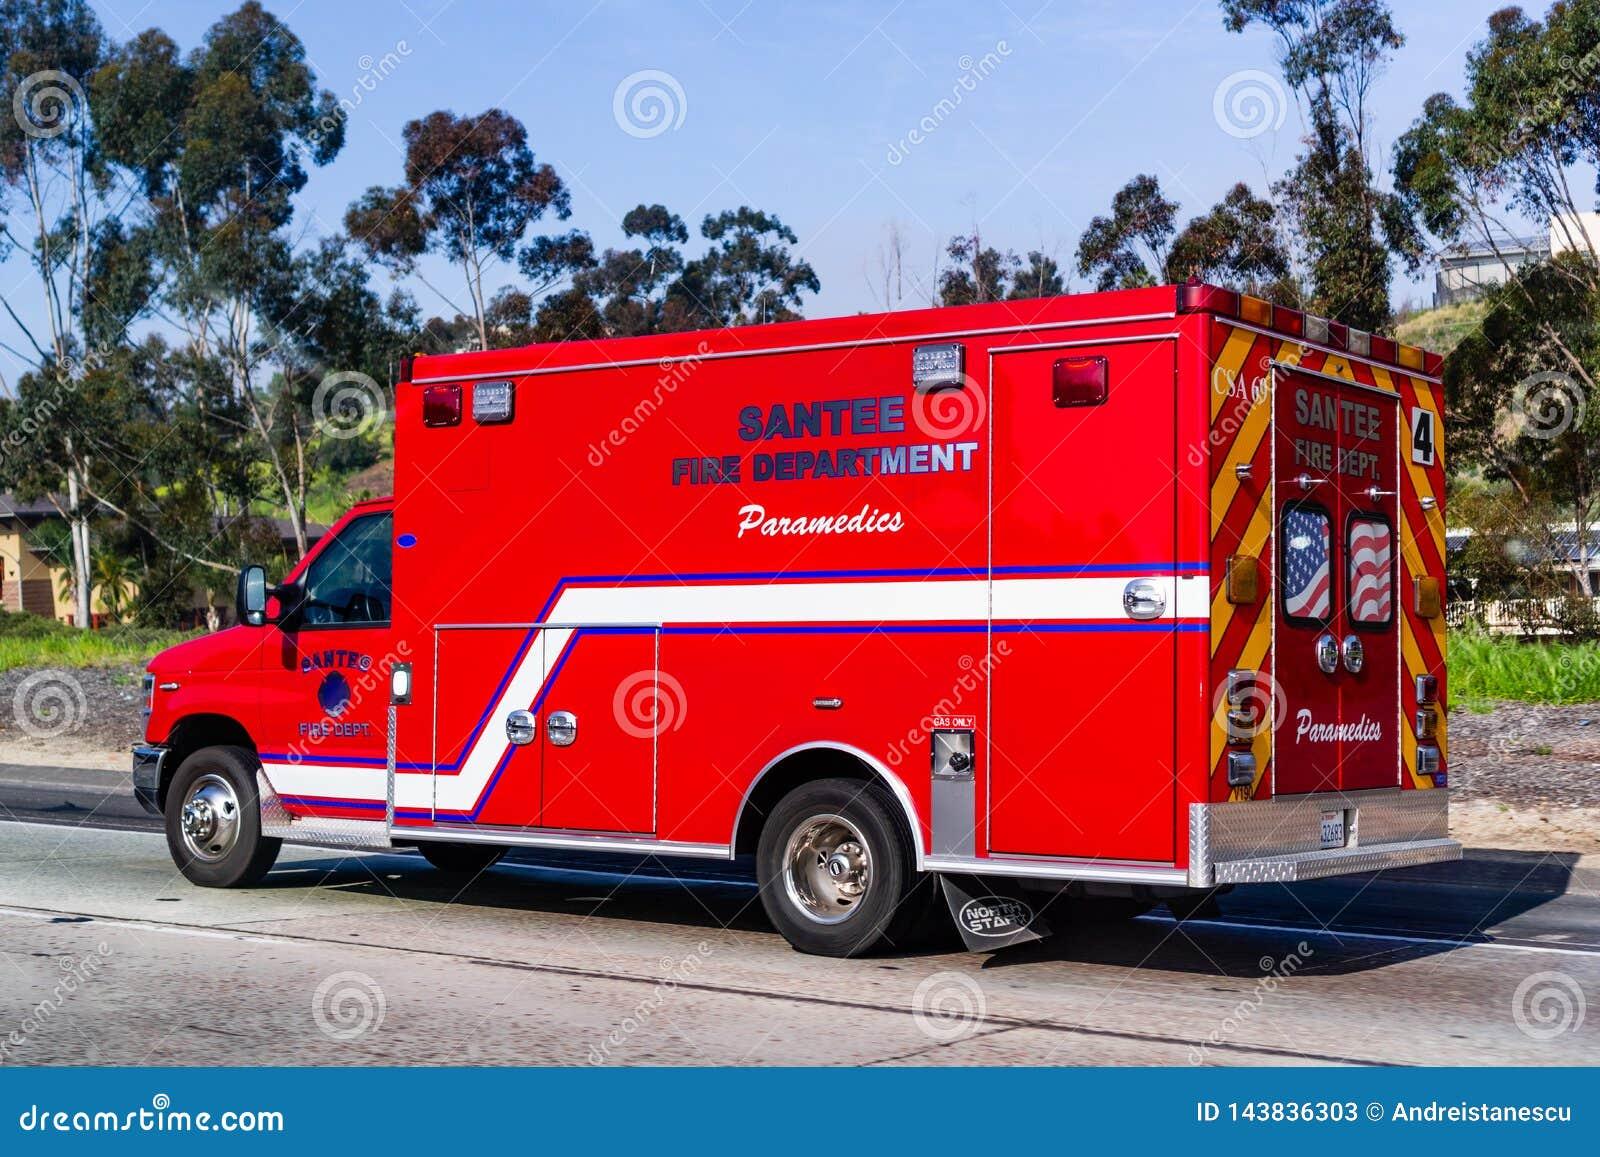 Maszeruje 19 2019 Santee, CA, usa,/- Pożarniczy Deparment sanitariuszów pojazdu jeżdżenie na ulicie